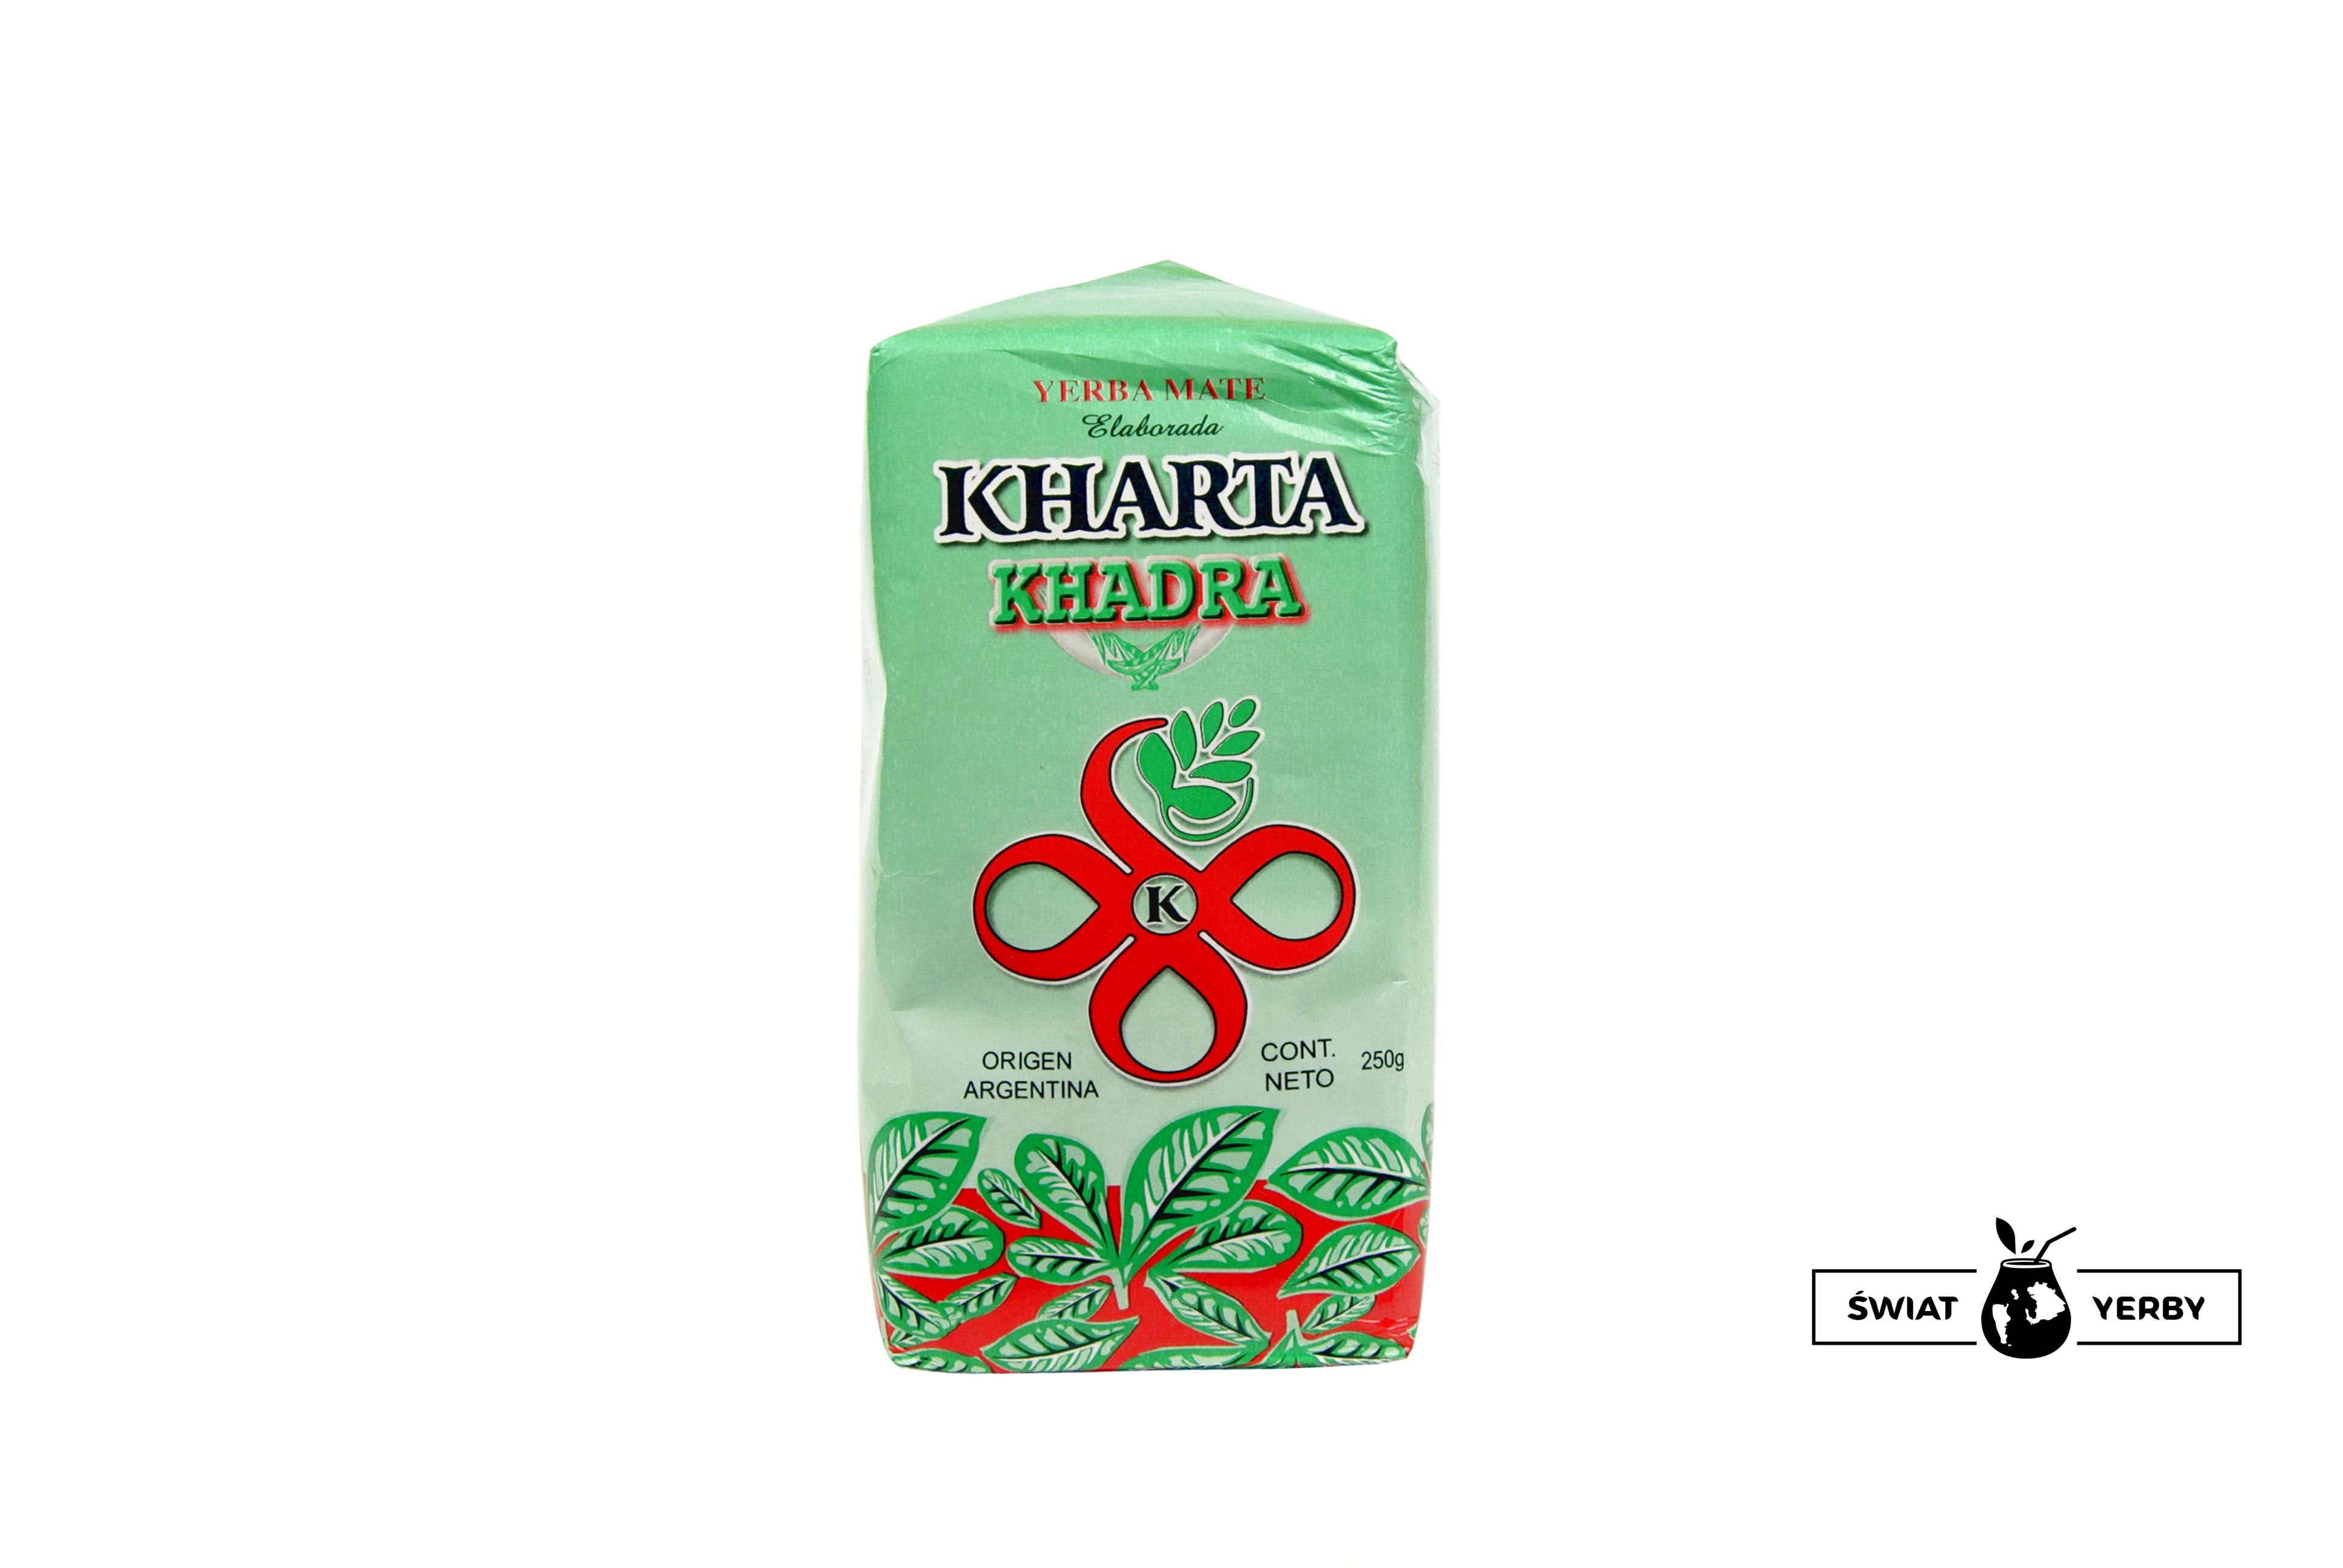 Kharta Khadra argentina